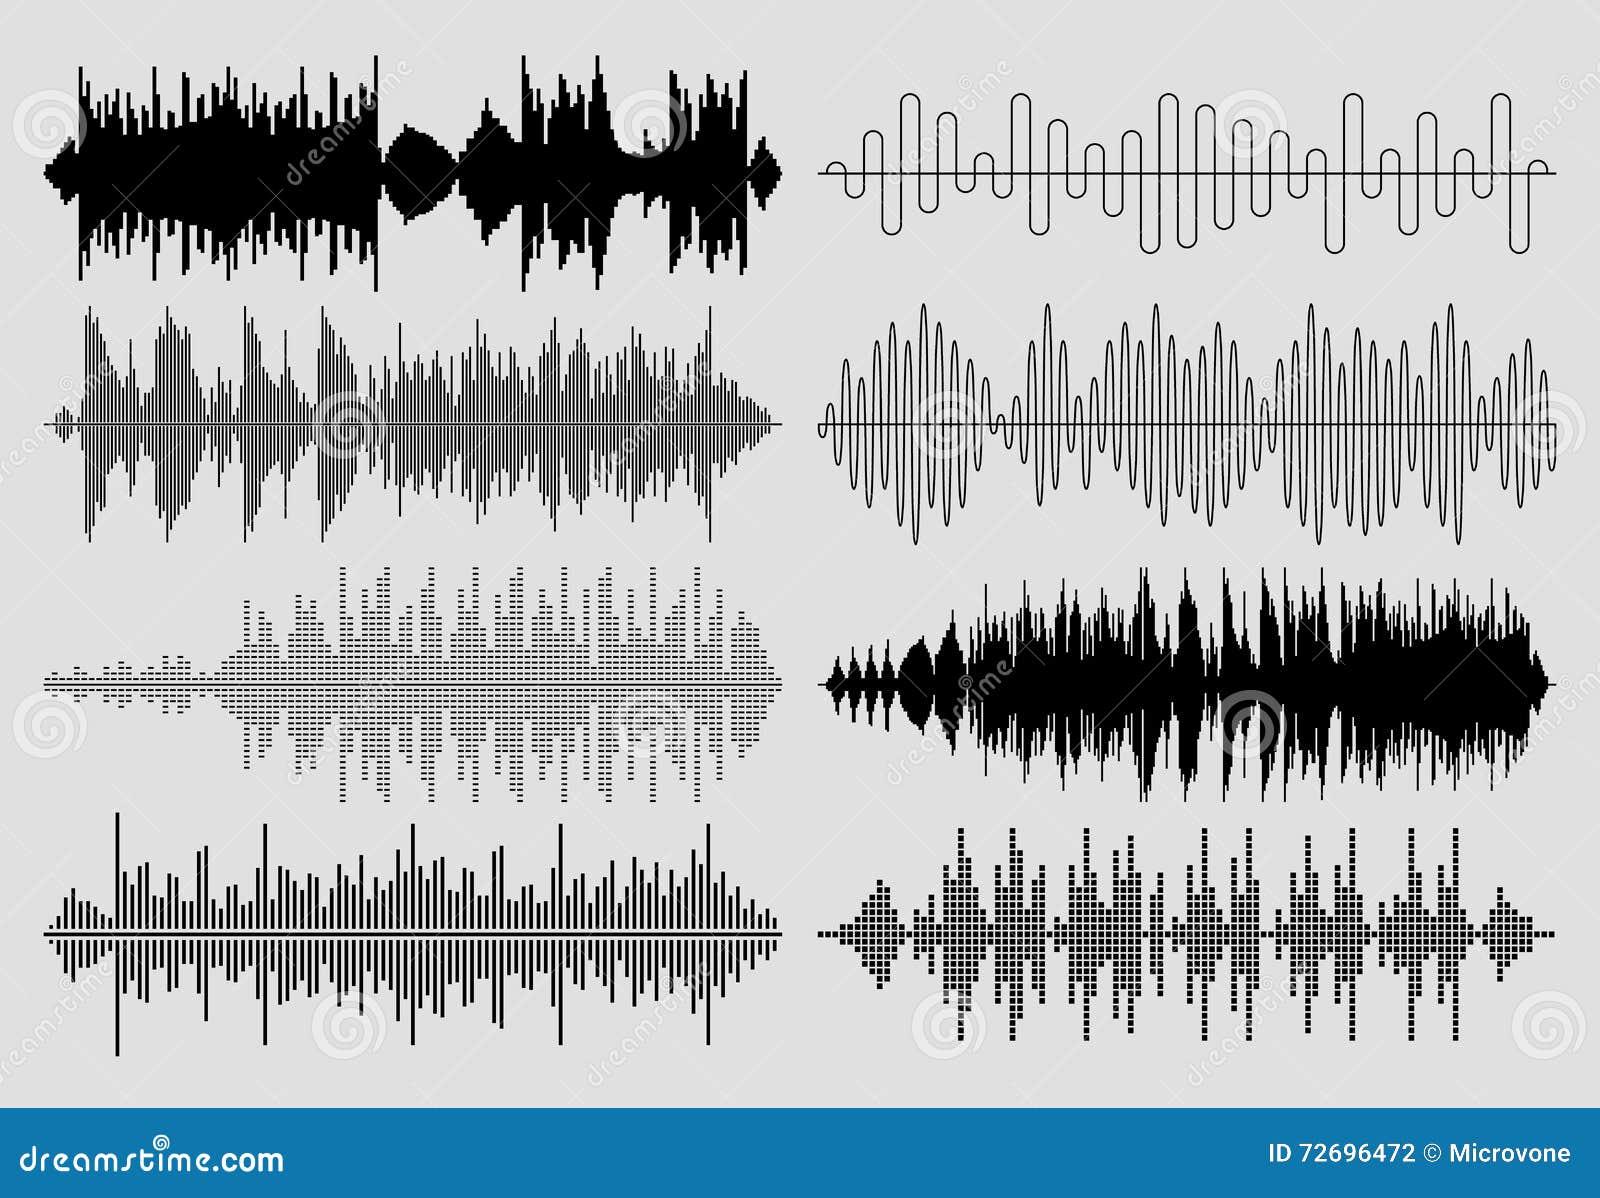 Niedlich Audiodiagramm Ideen - Elektrische Schaltplan-Ideen ...